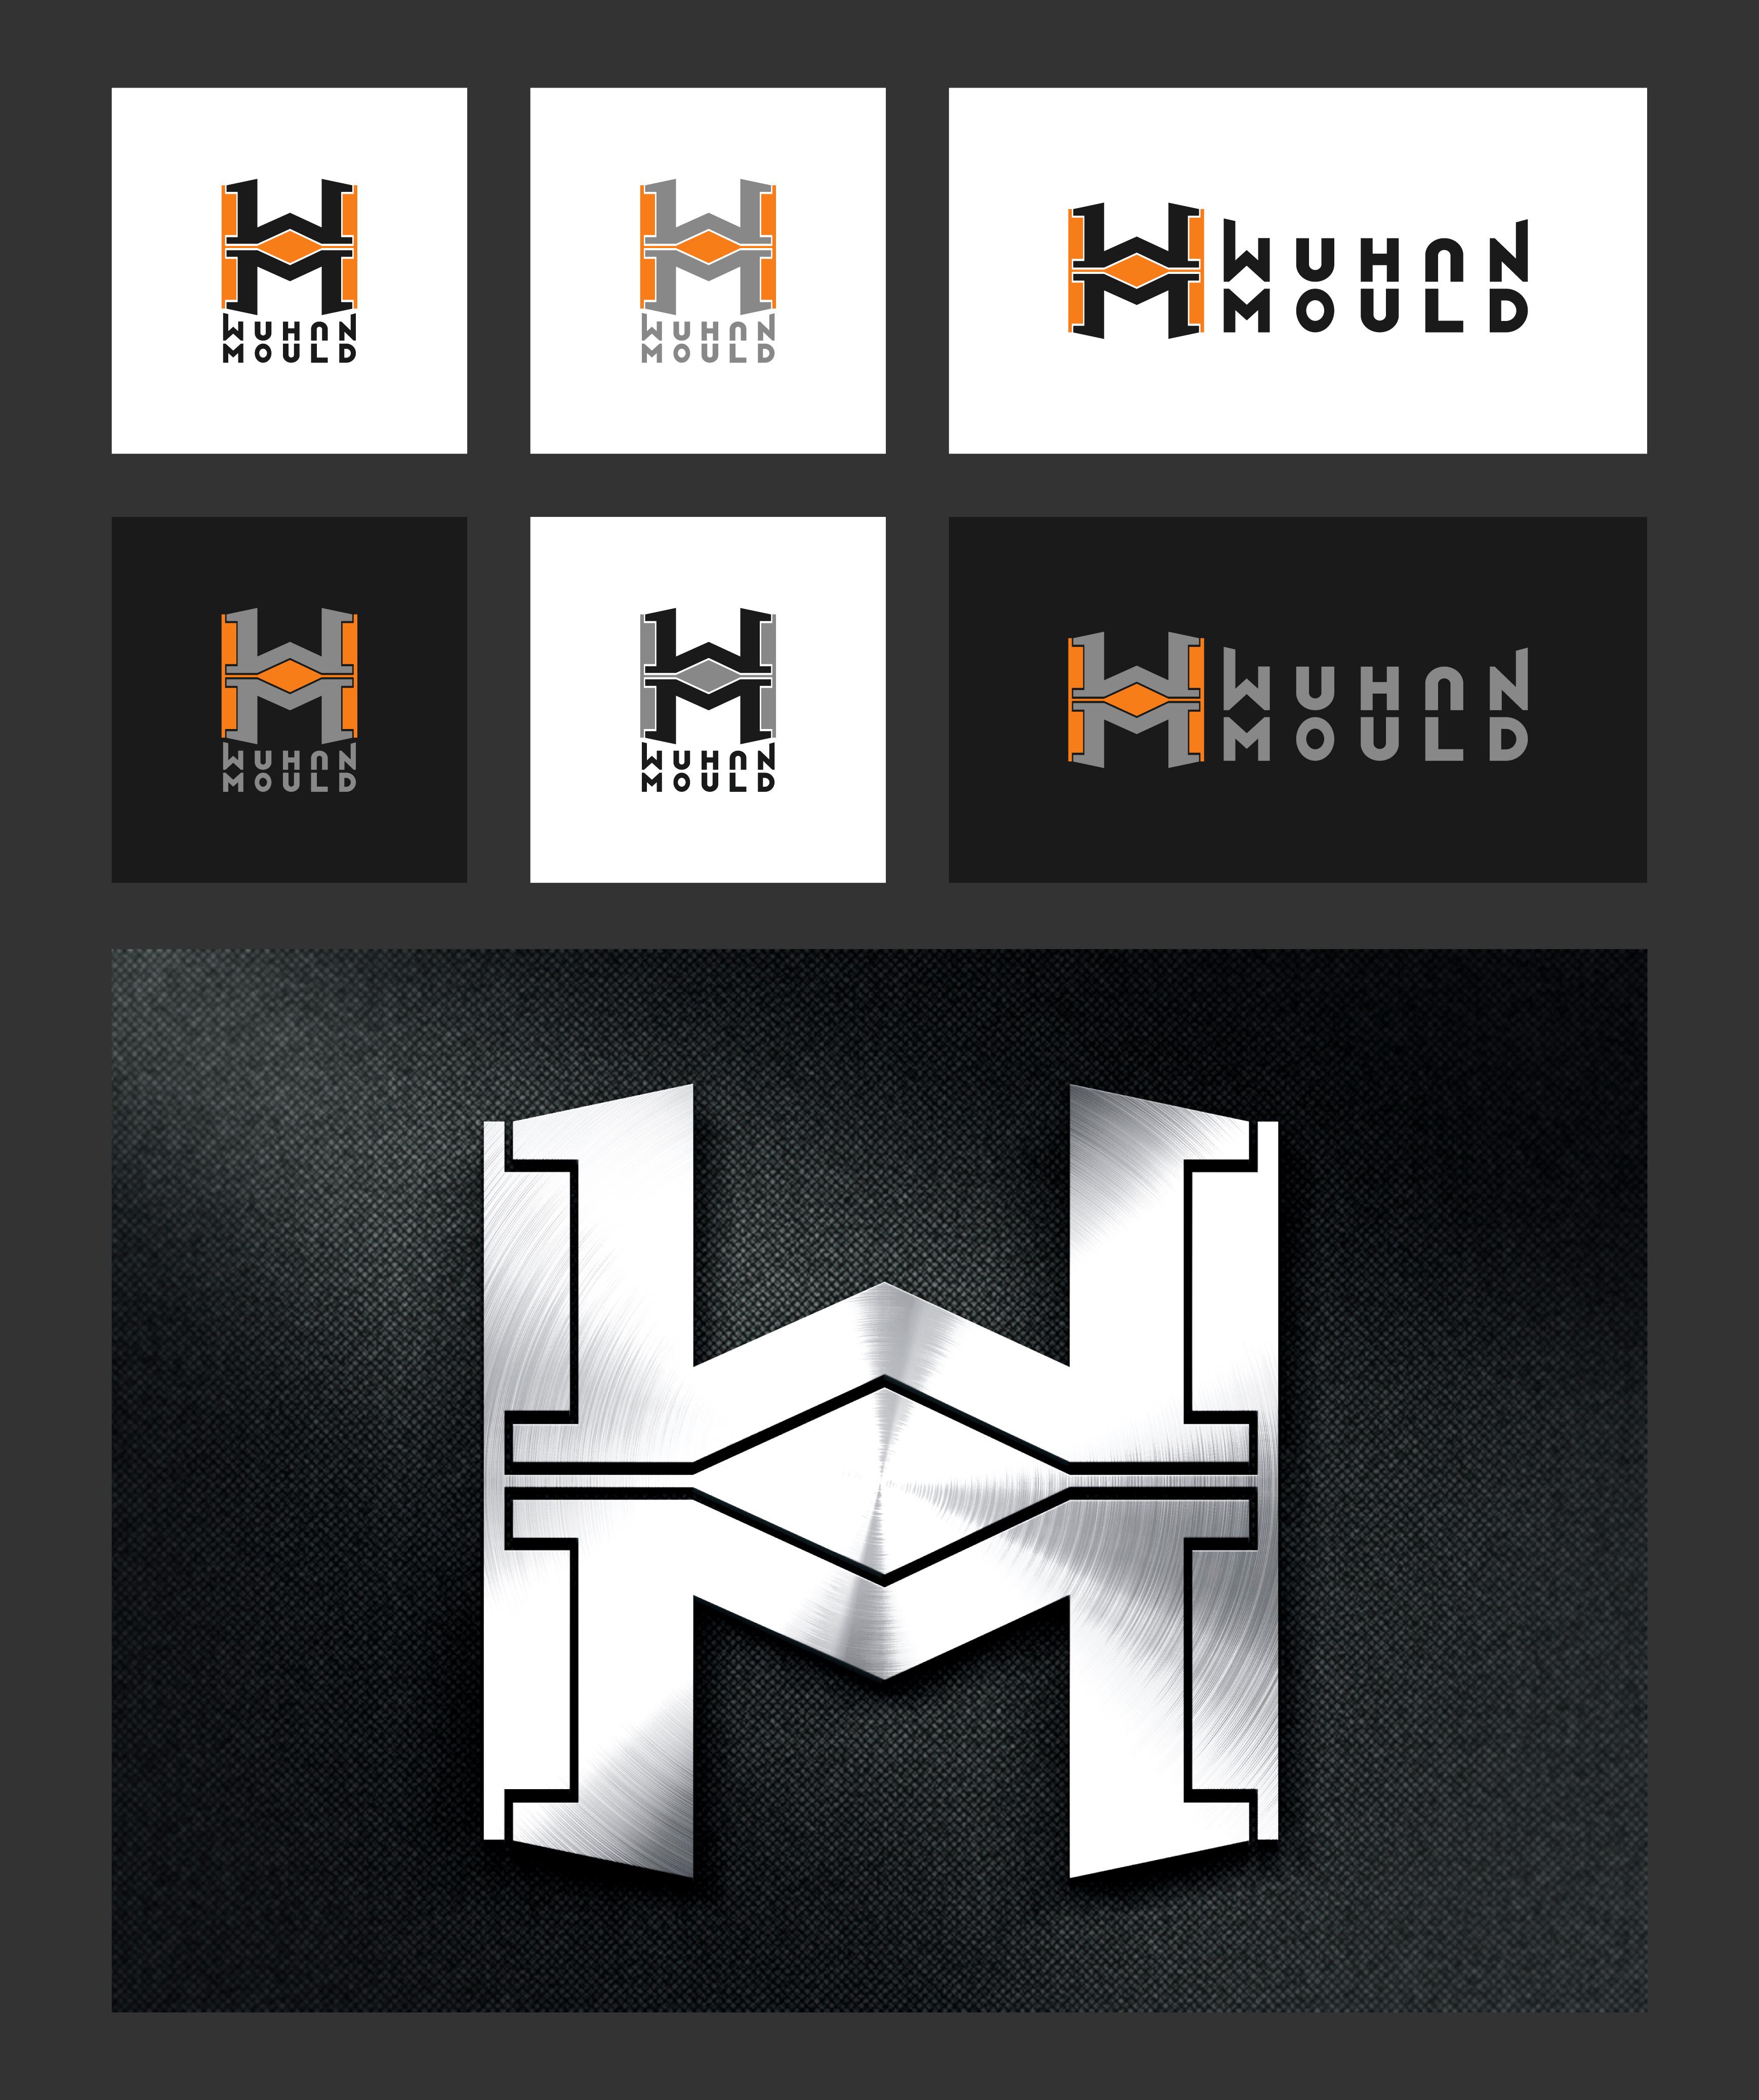 Создать логотип для фабрики пресс-форм фото f_64559906f72182a0.jpg